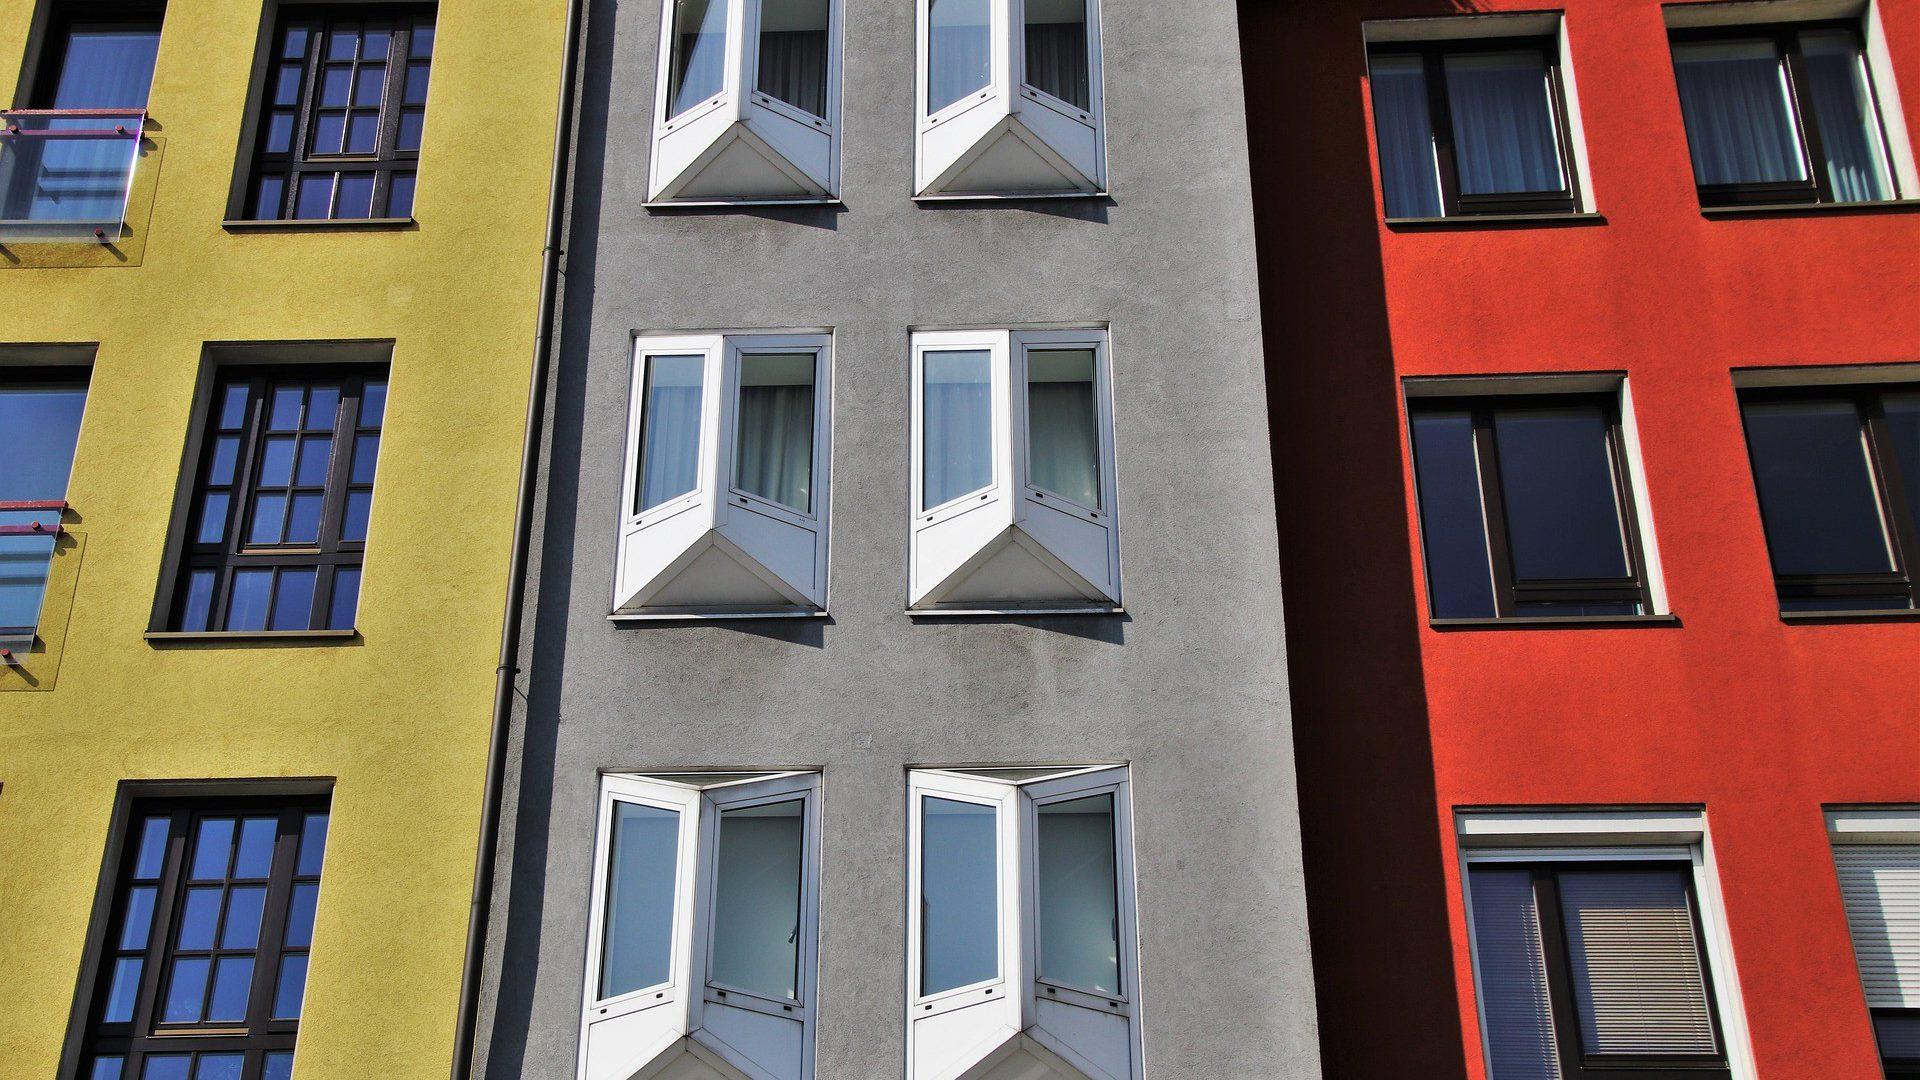 WEG-Verwaltung nach dem Wohnungseigentumsgesetz in Bochum